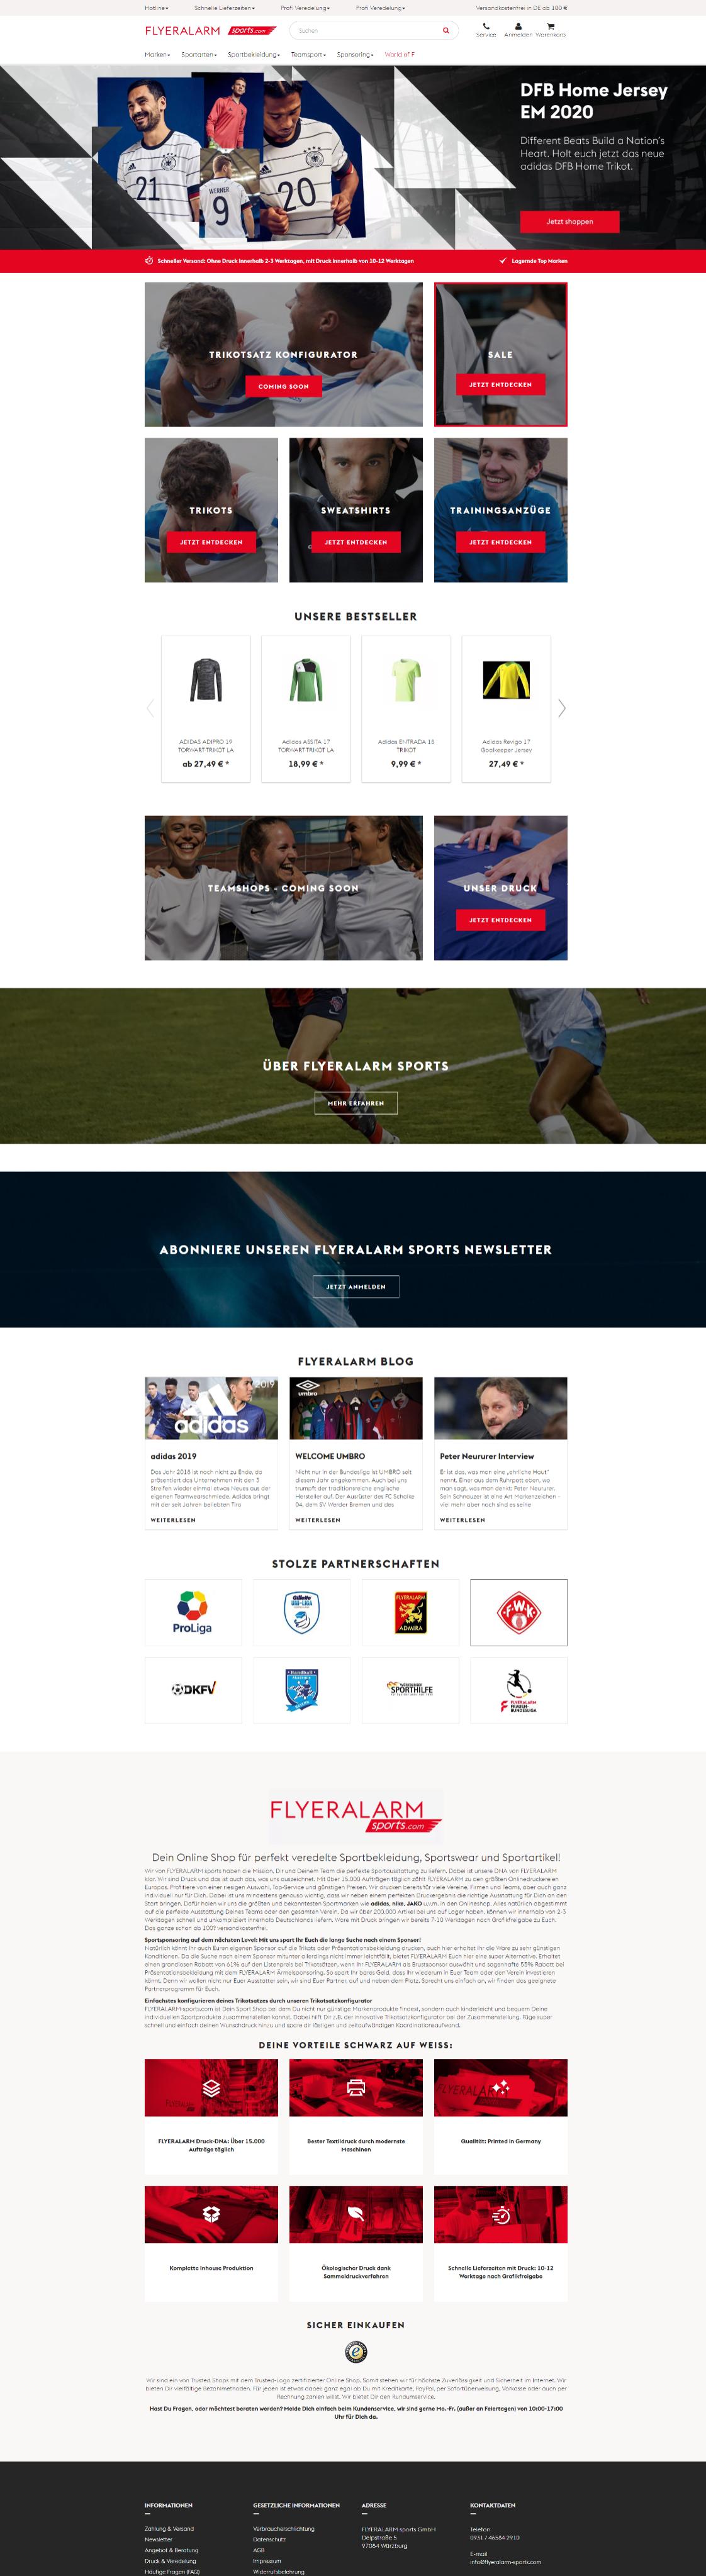 FLYERALARM sports GmbH